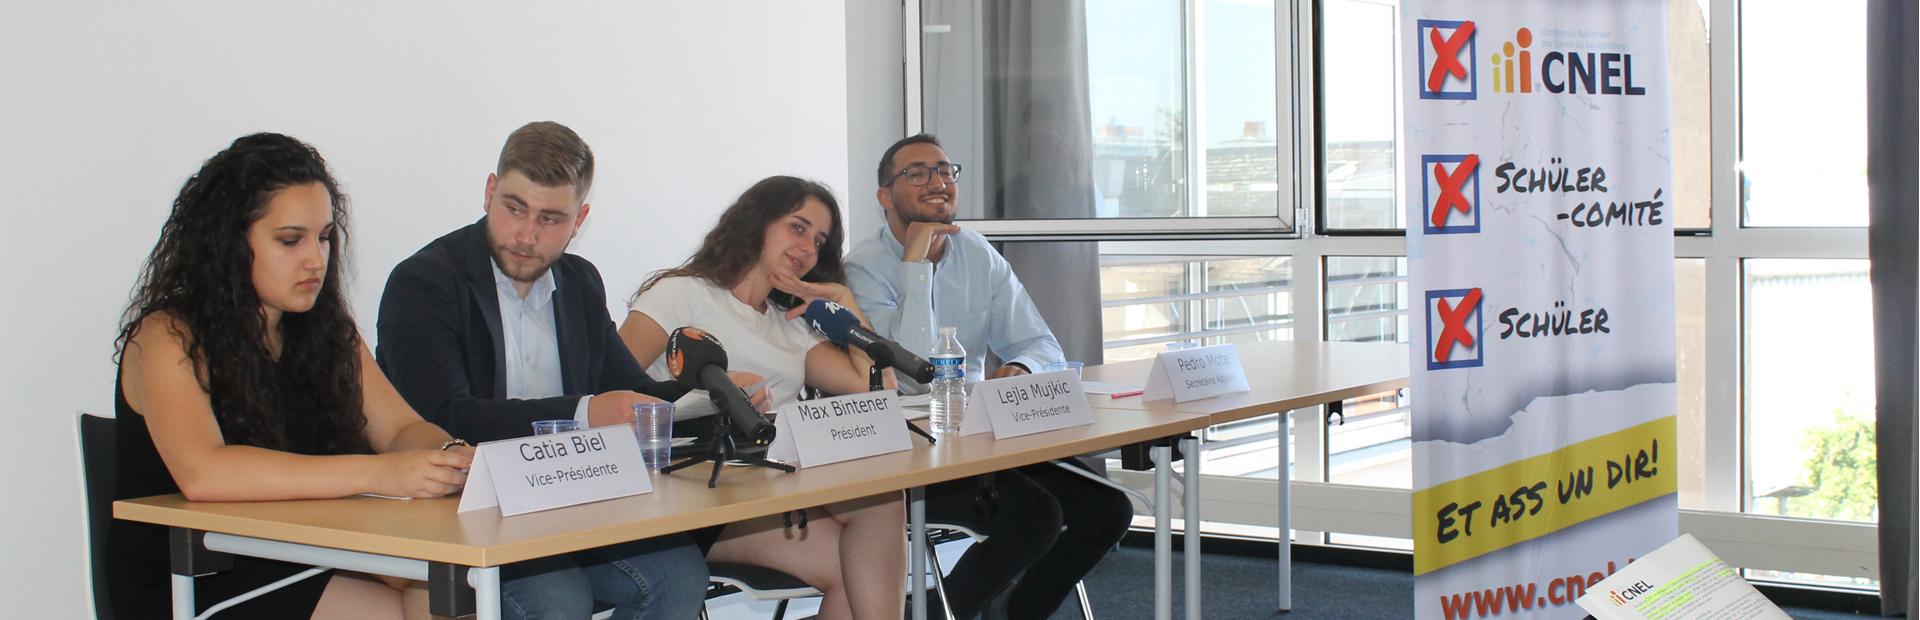 Avis zur Schoulreform – d'Käraarbecht vun der CNEL